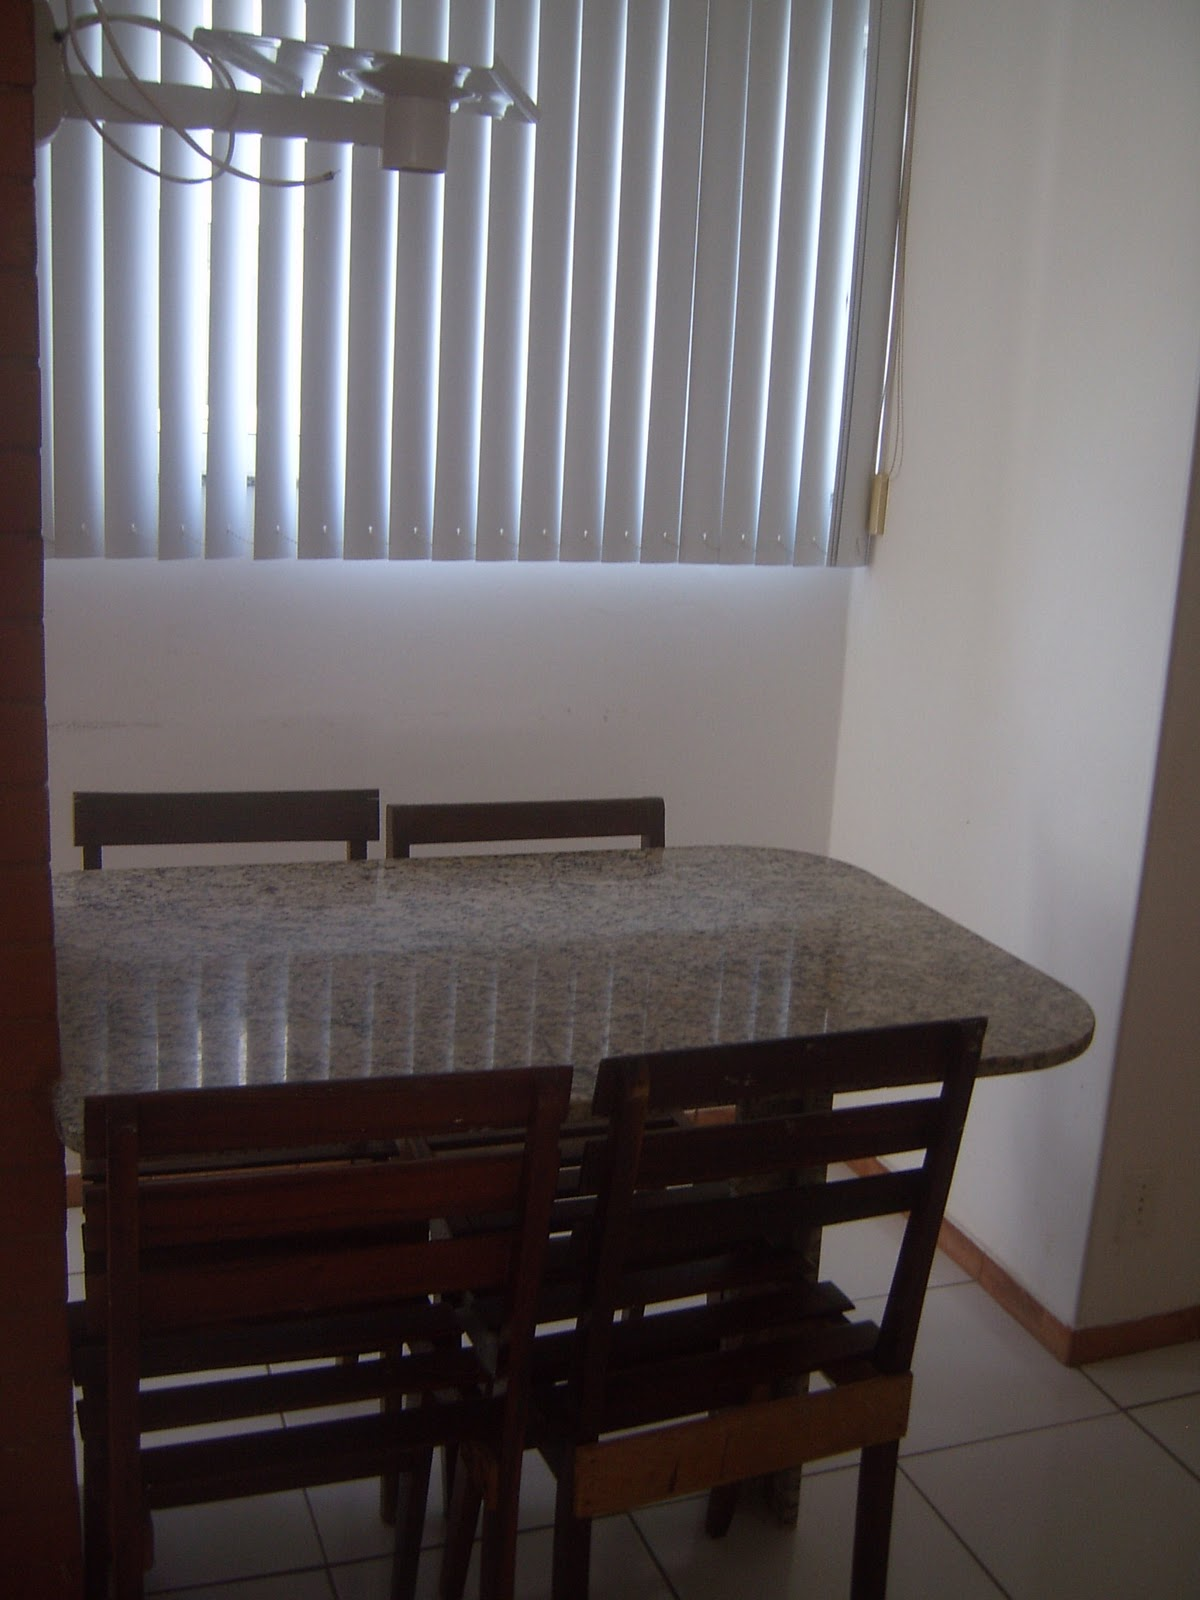 #40628B ALUGUEL DE APARTAMENTOS NA PRAIA DO FORTE PARA TEMPORADA: Detalhes  1200x1600 px Banco Para Cozinha Americana Ponto Frio_2571 Imagens